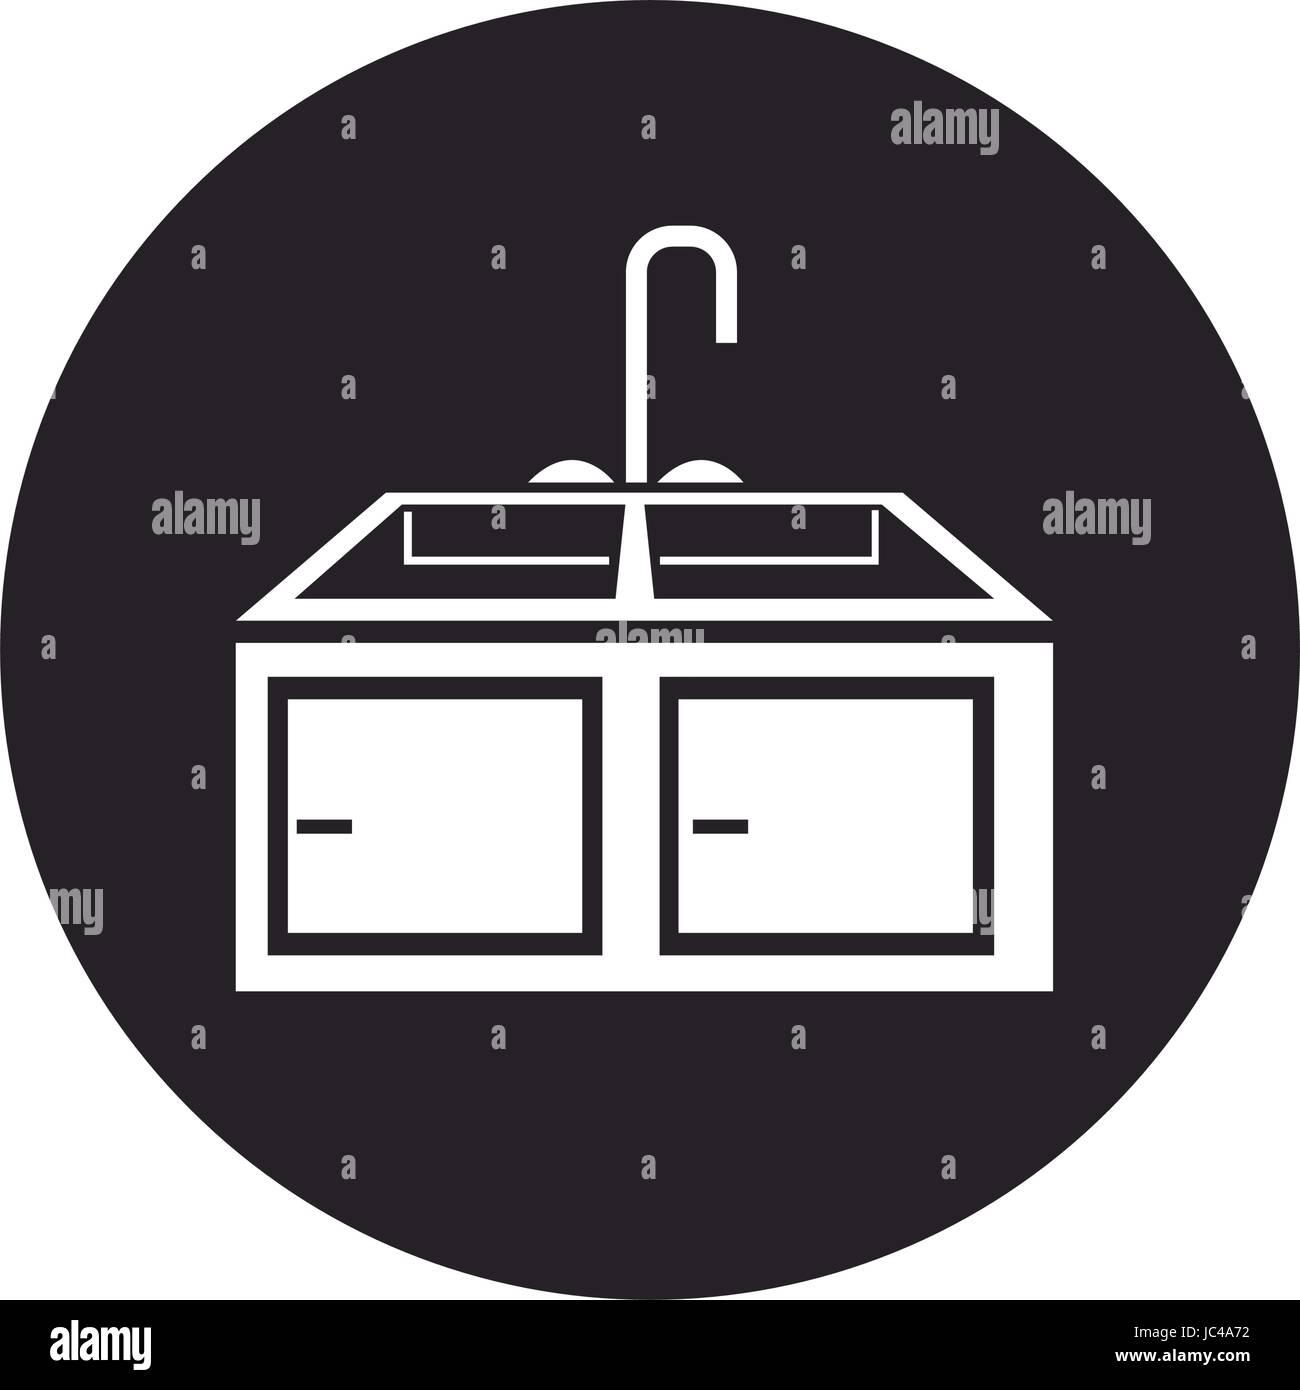 Wunderbar Küchenspüle Comic Bilder Bilder - Küche Set Ideen ...